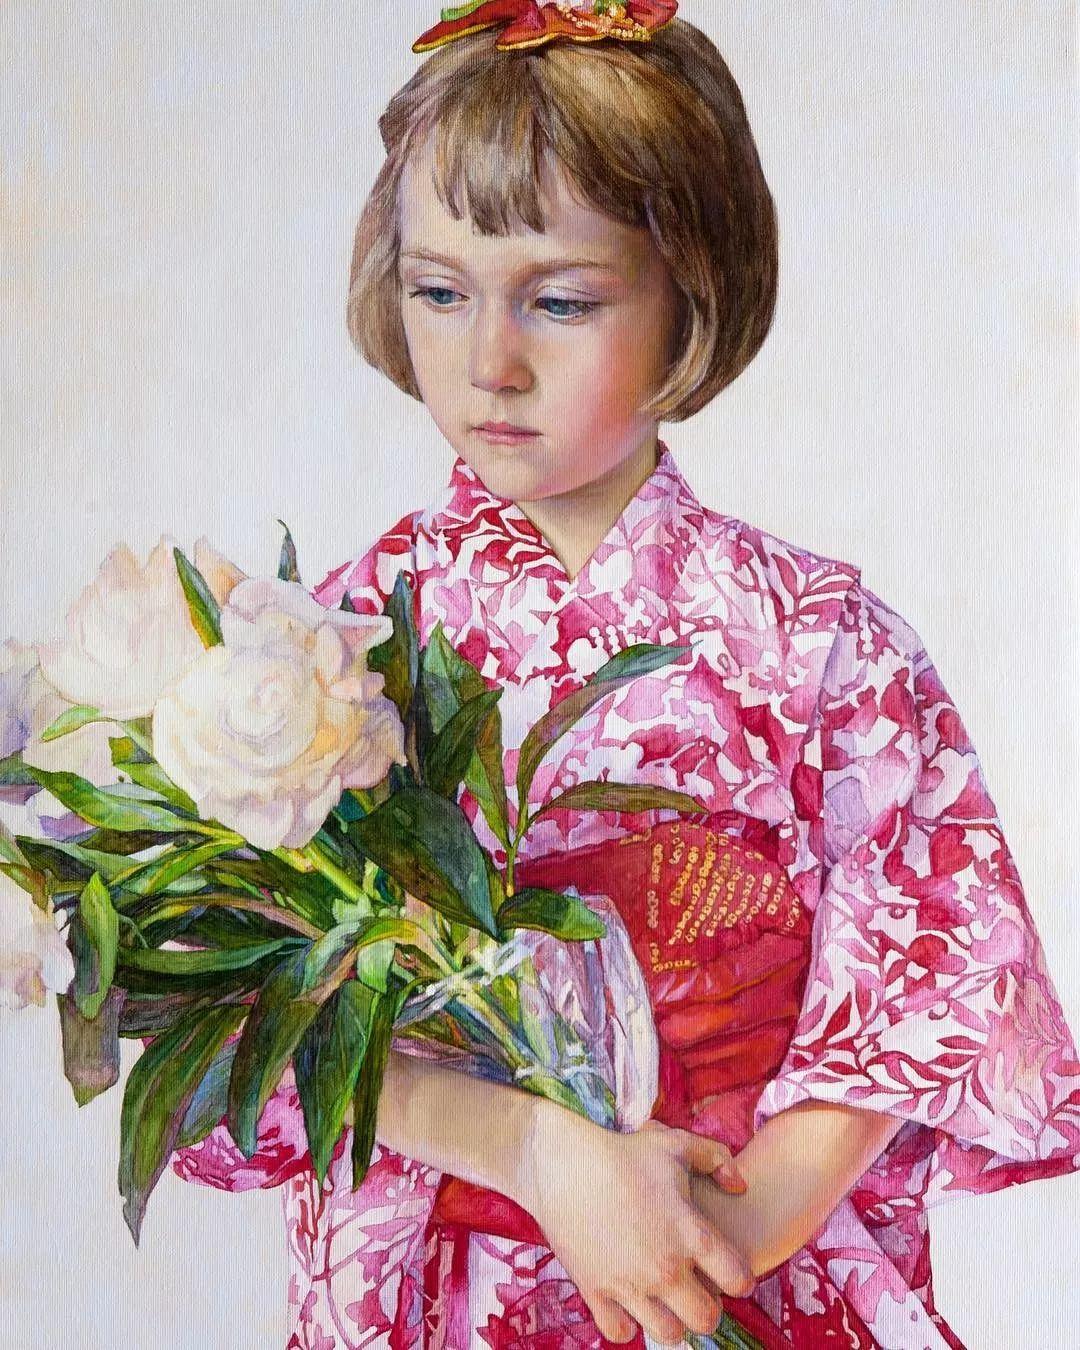 油画居然画得这么鲜艳?俄罗斯Victoria Kalaichi插图21